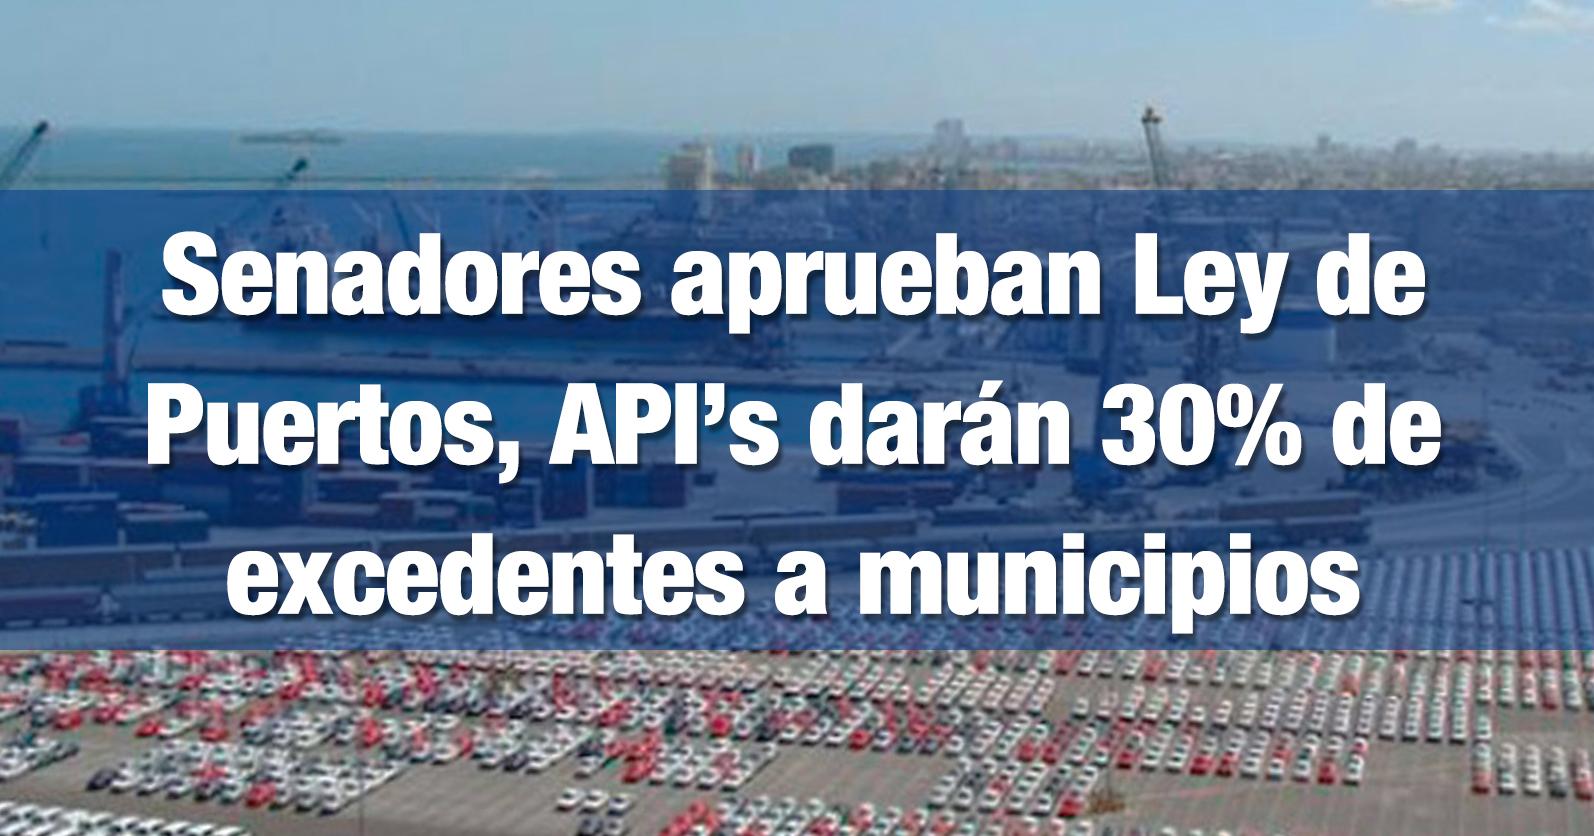 Senadores aprueban Ley de Puertos, API's darán 30% de excedentes a municipios